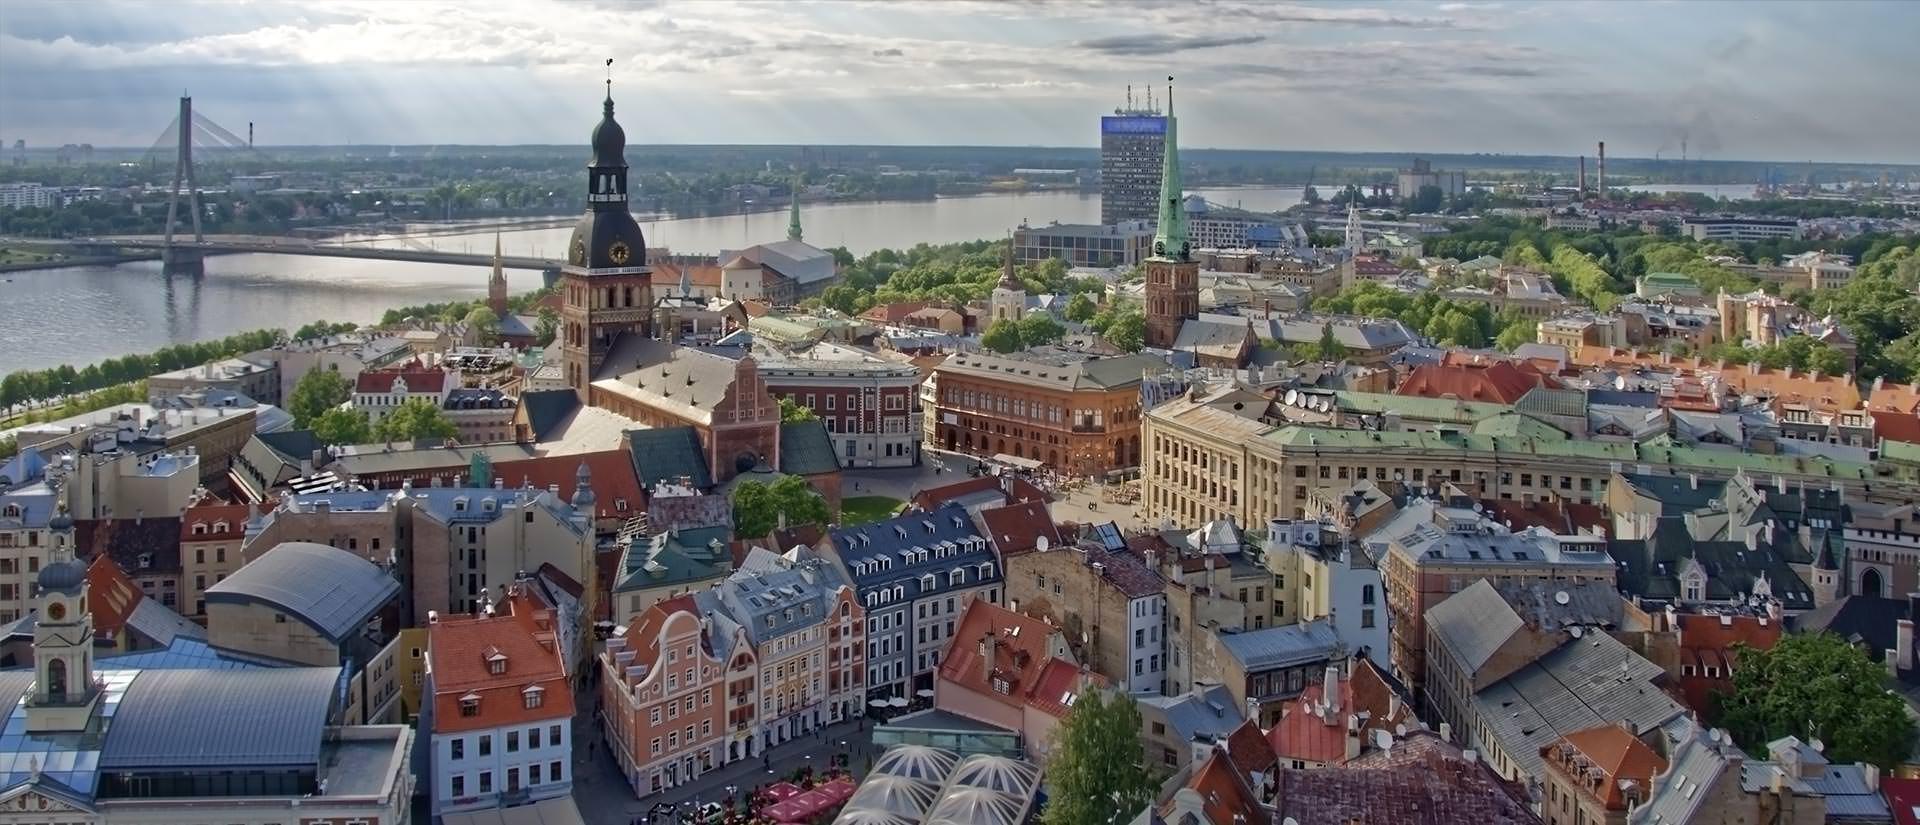 טיולים מאורגנים למדינות הבלטיות